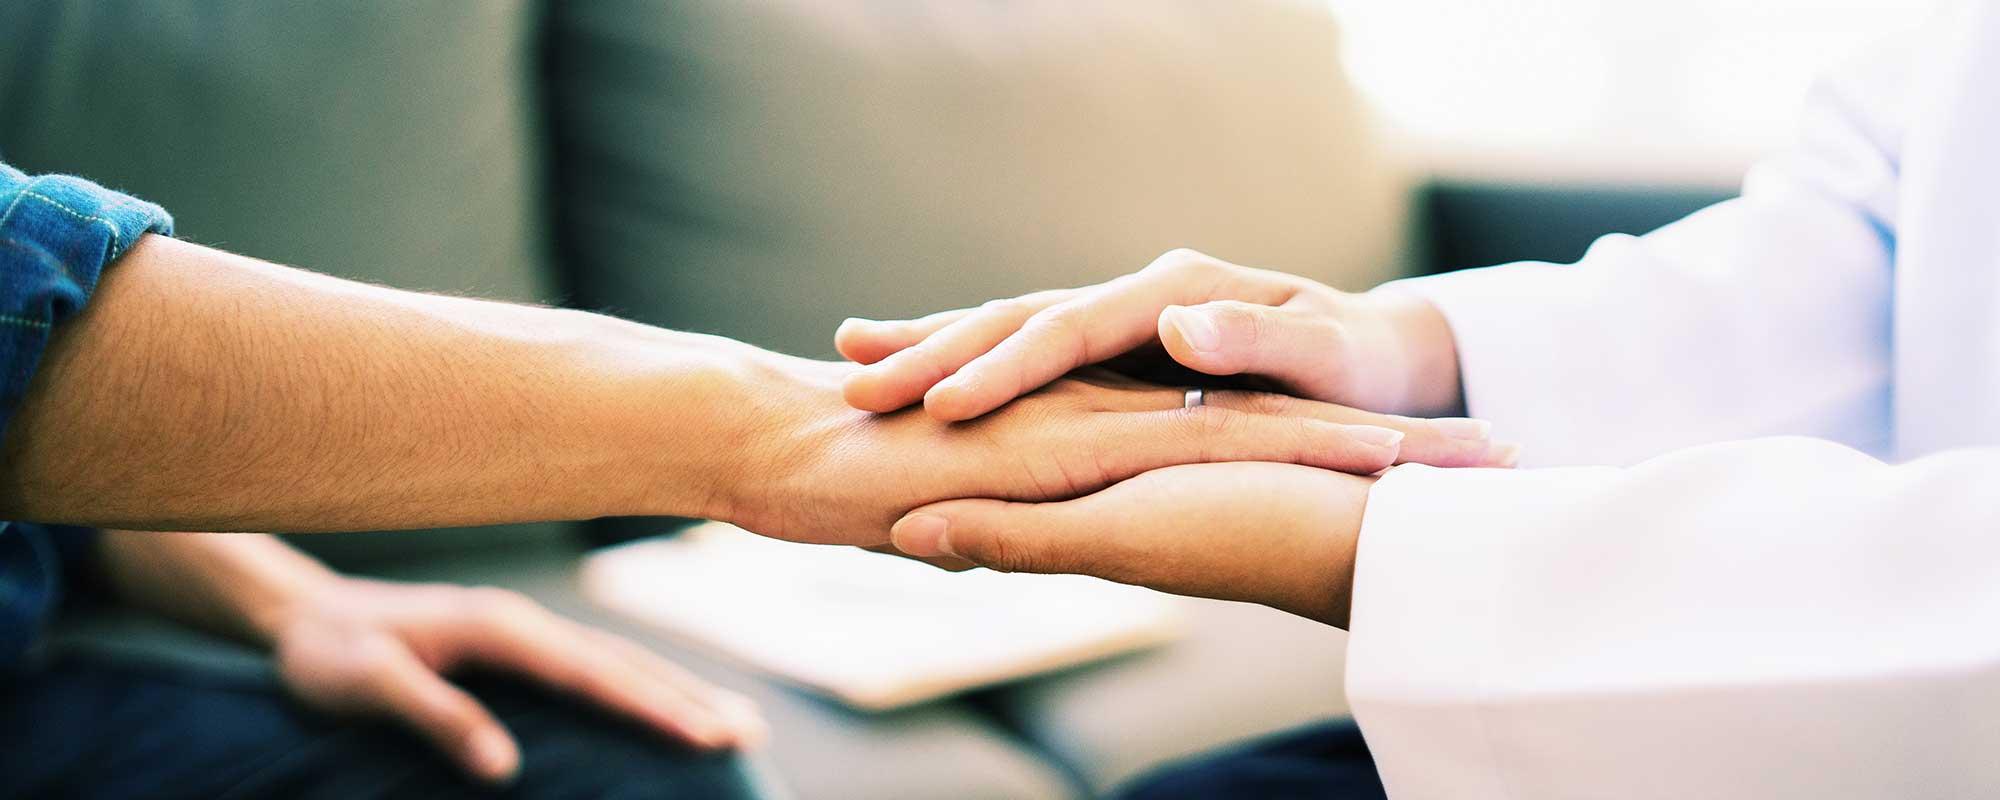 Mang lại sự sống mới, trao gửi yêu thương